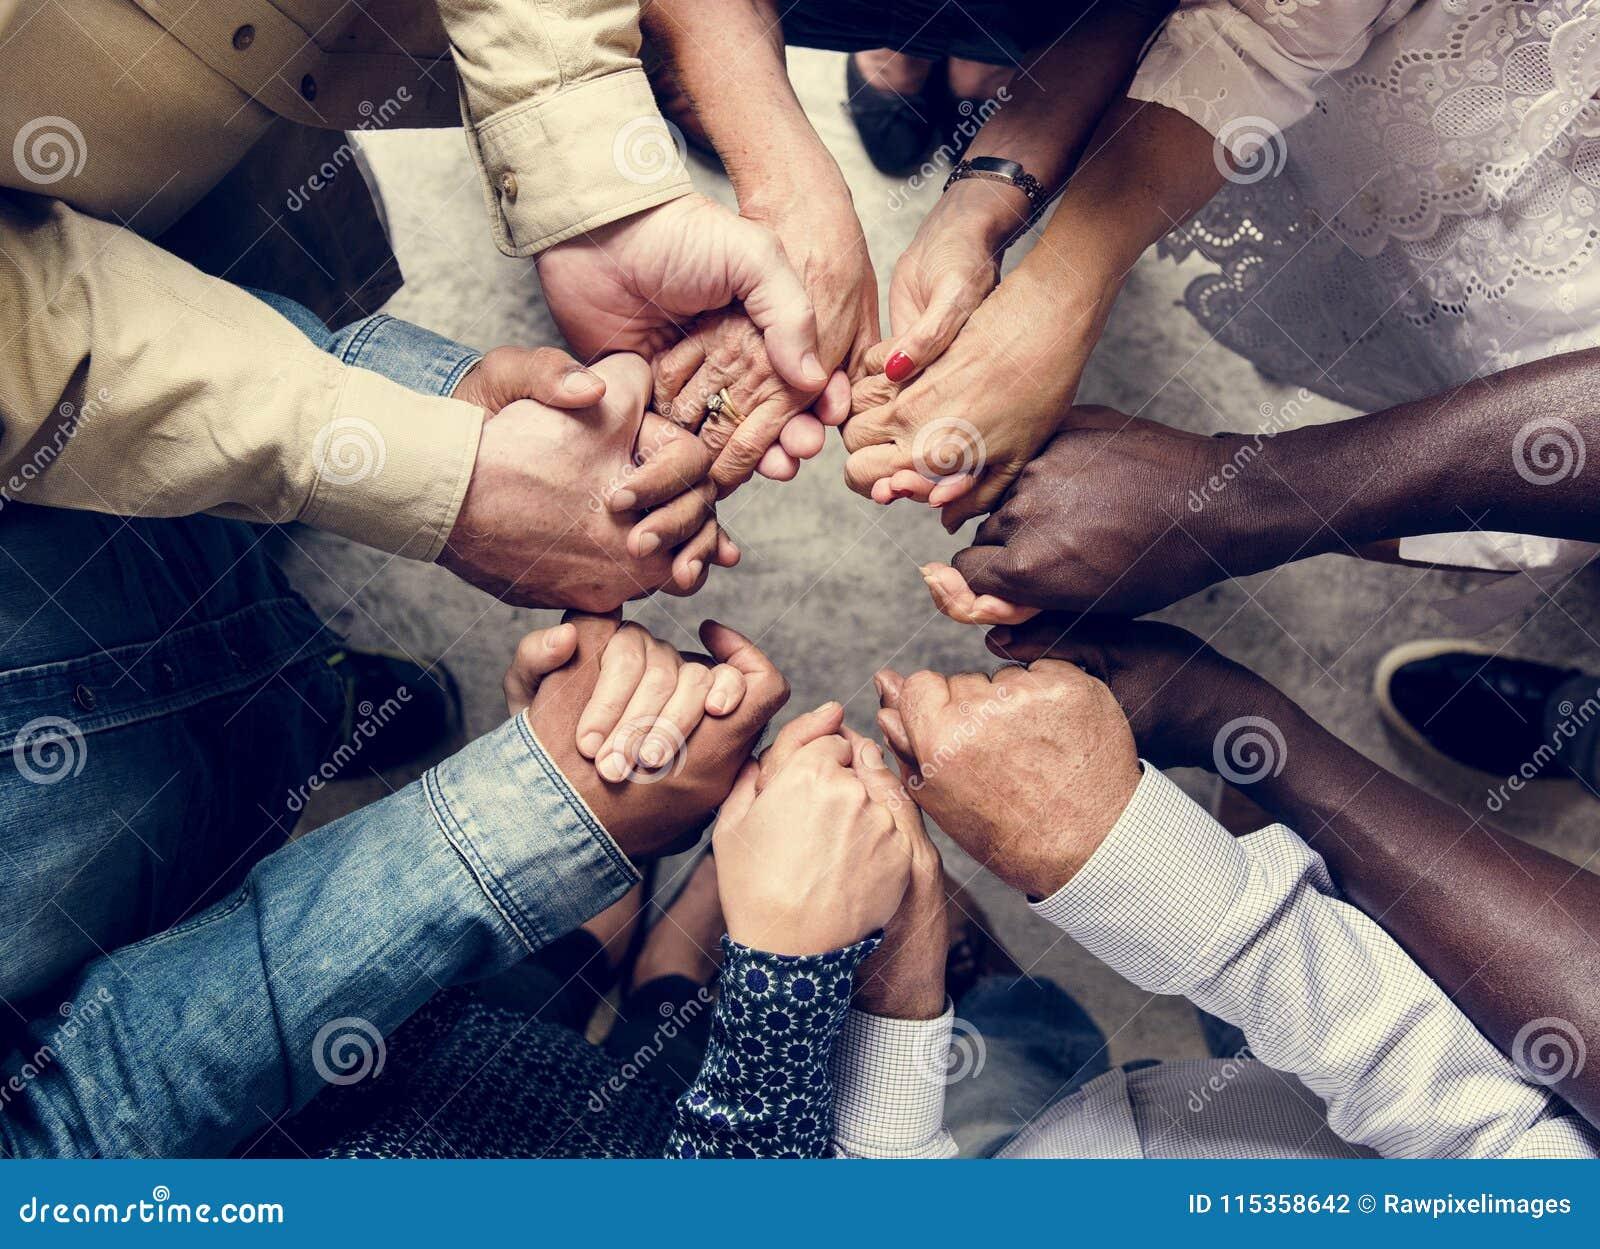 Группа в составе разнообразные руки держа один другого поддерживает совместно вид с воздуха сыгранности